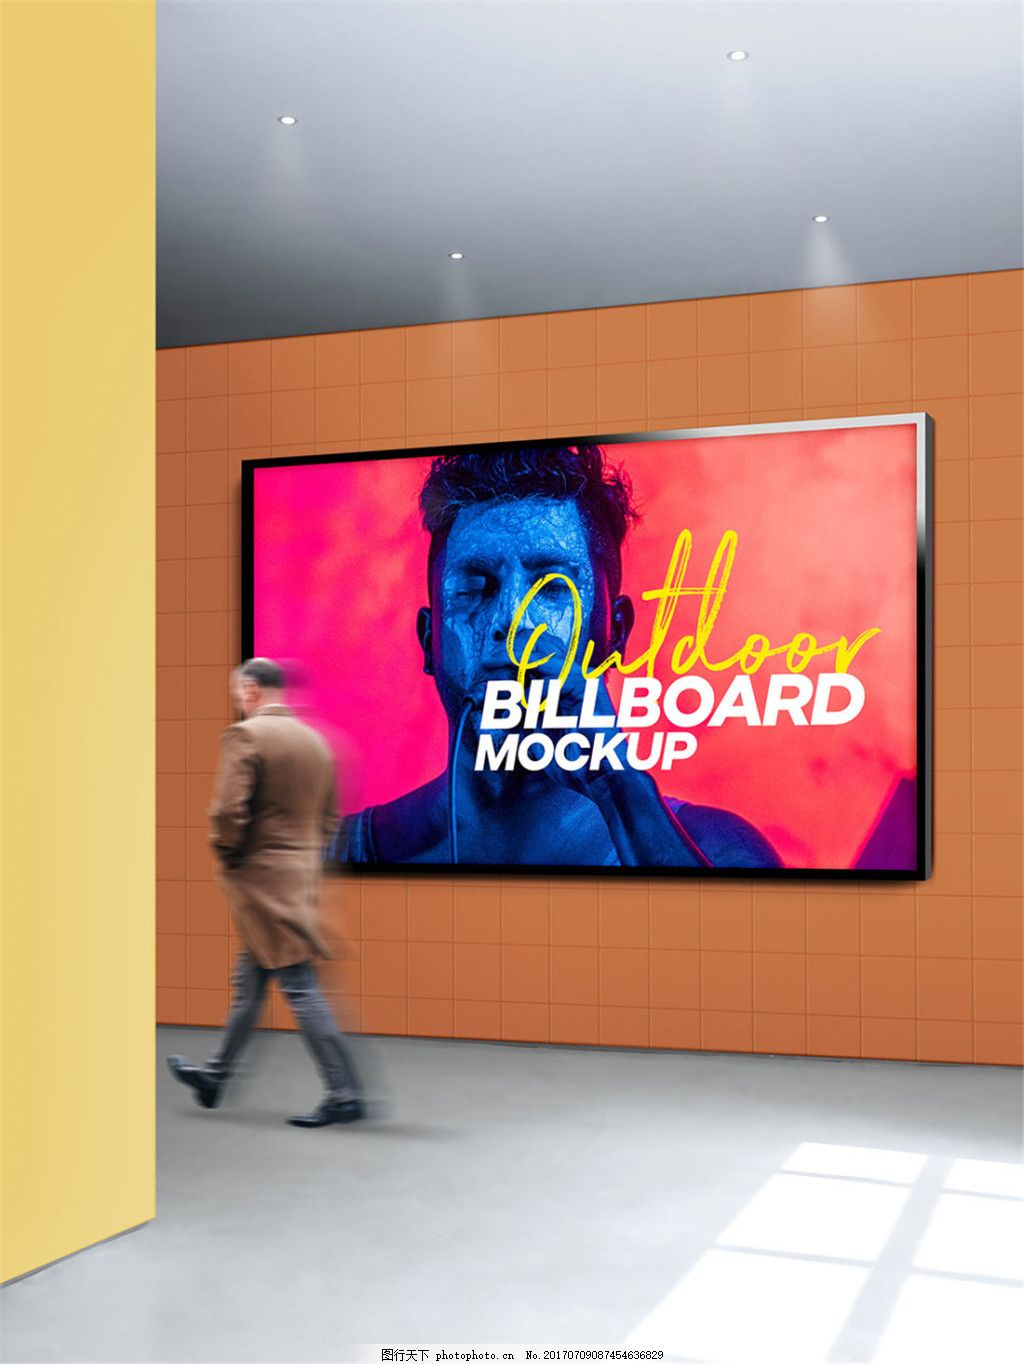 户外海报样机模板 户外海报模板 地铁海报样机 地铁场景 户外广告样机